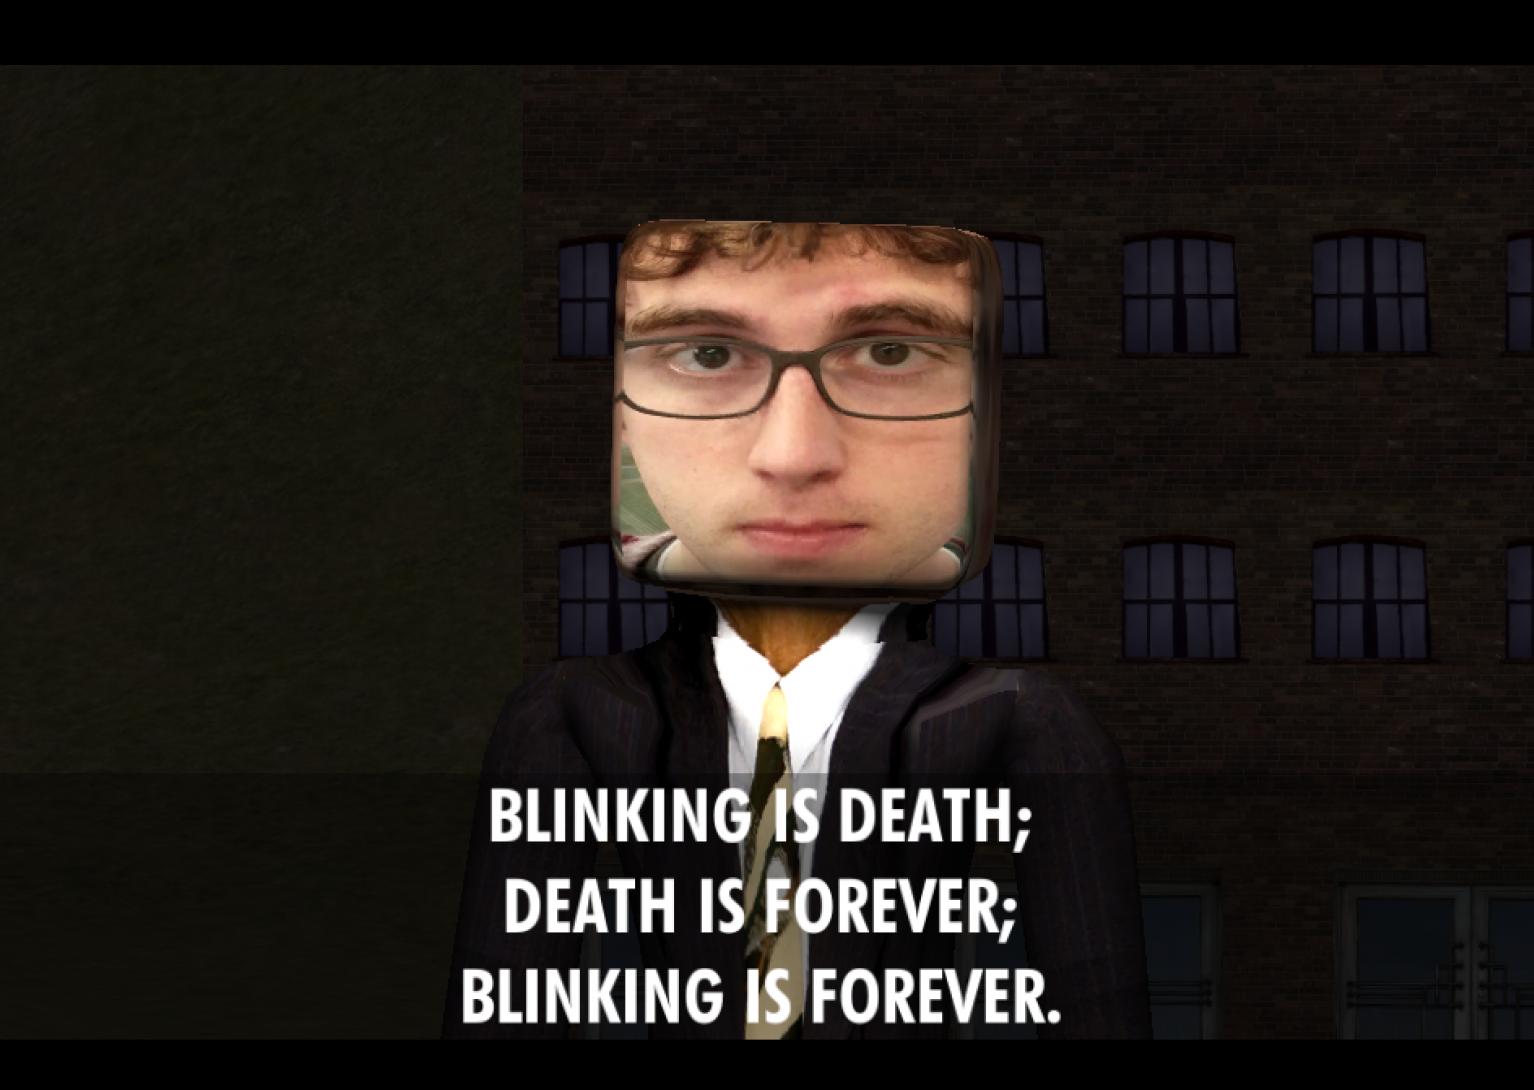 blink_0.png